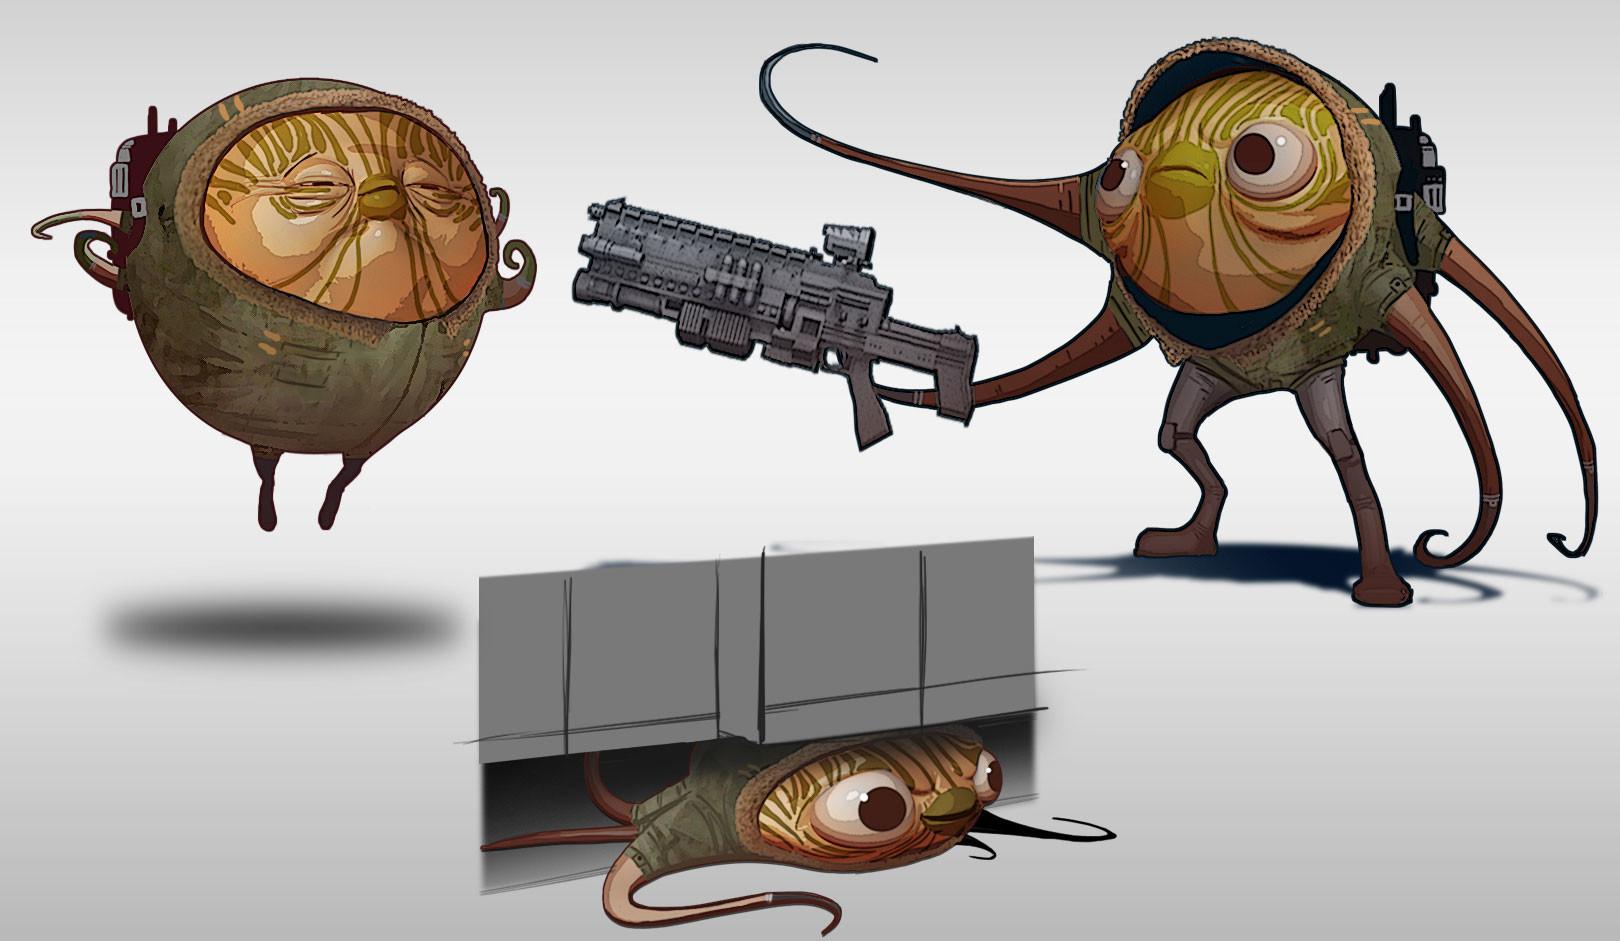 Luis carrasco redcup squidmonkey 01b